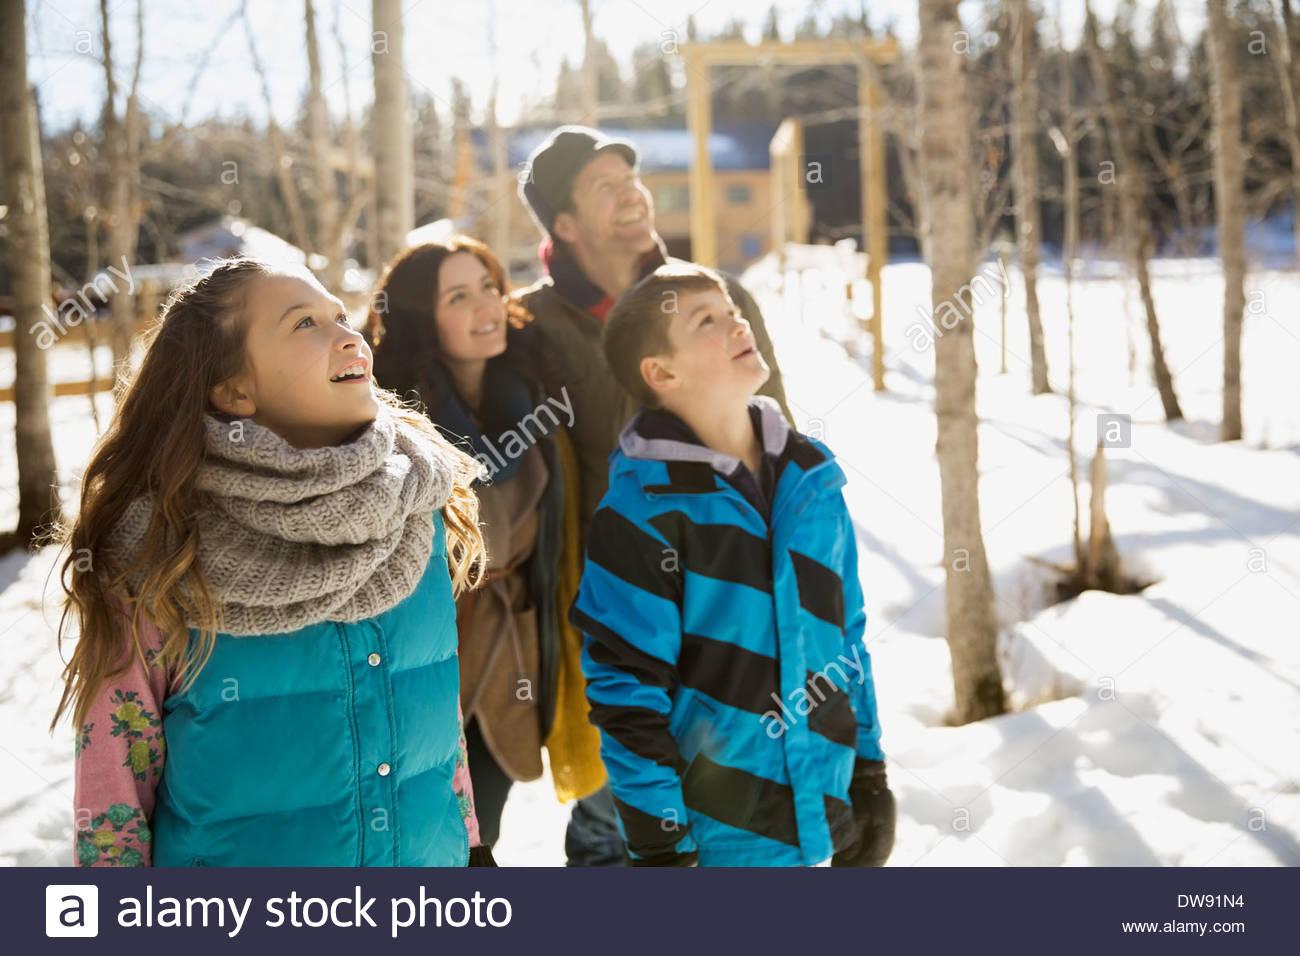 Famiglia cercando nel bosco innevato Immagini Stock